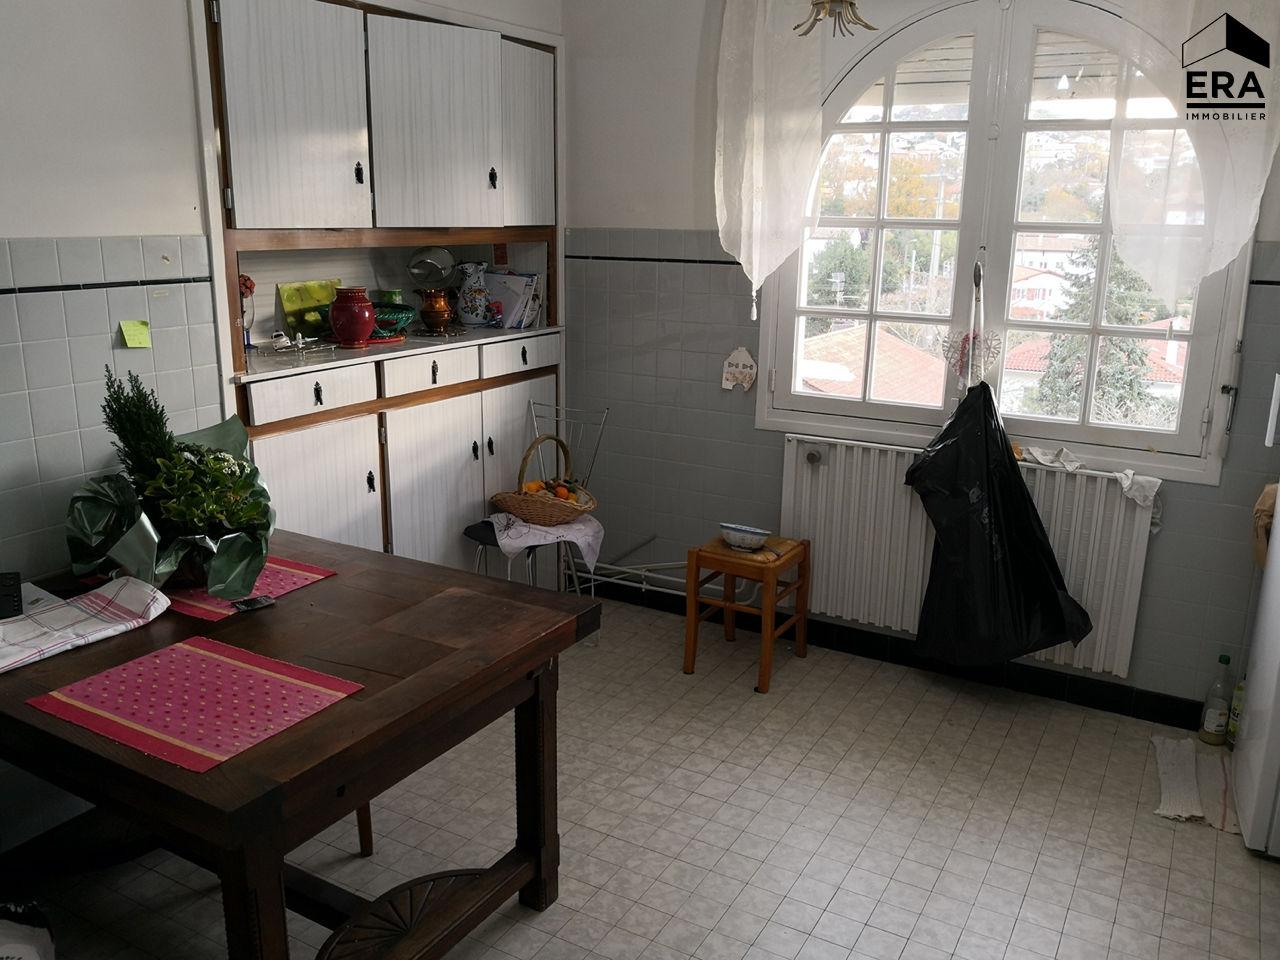 Vente maison 11 pièces  à HENDAYE - 2